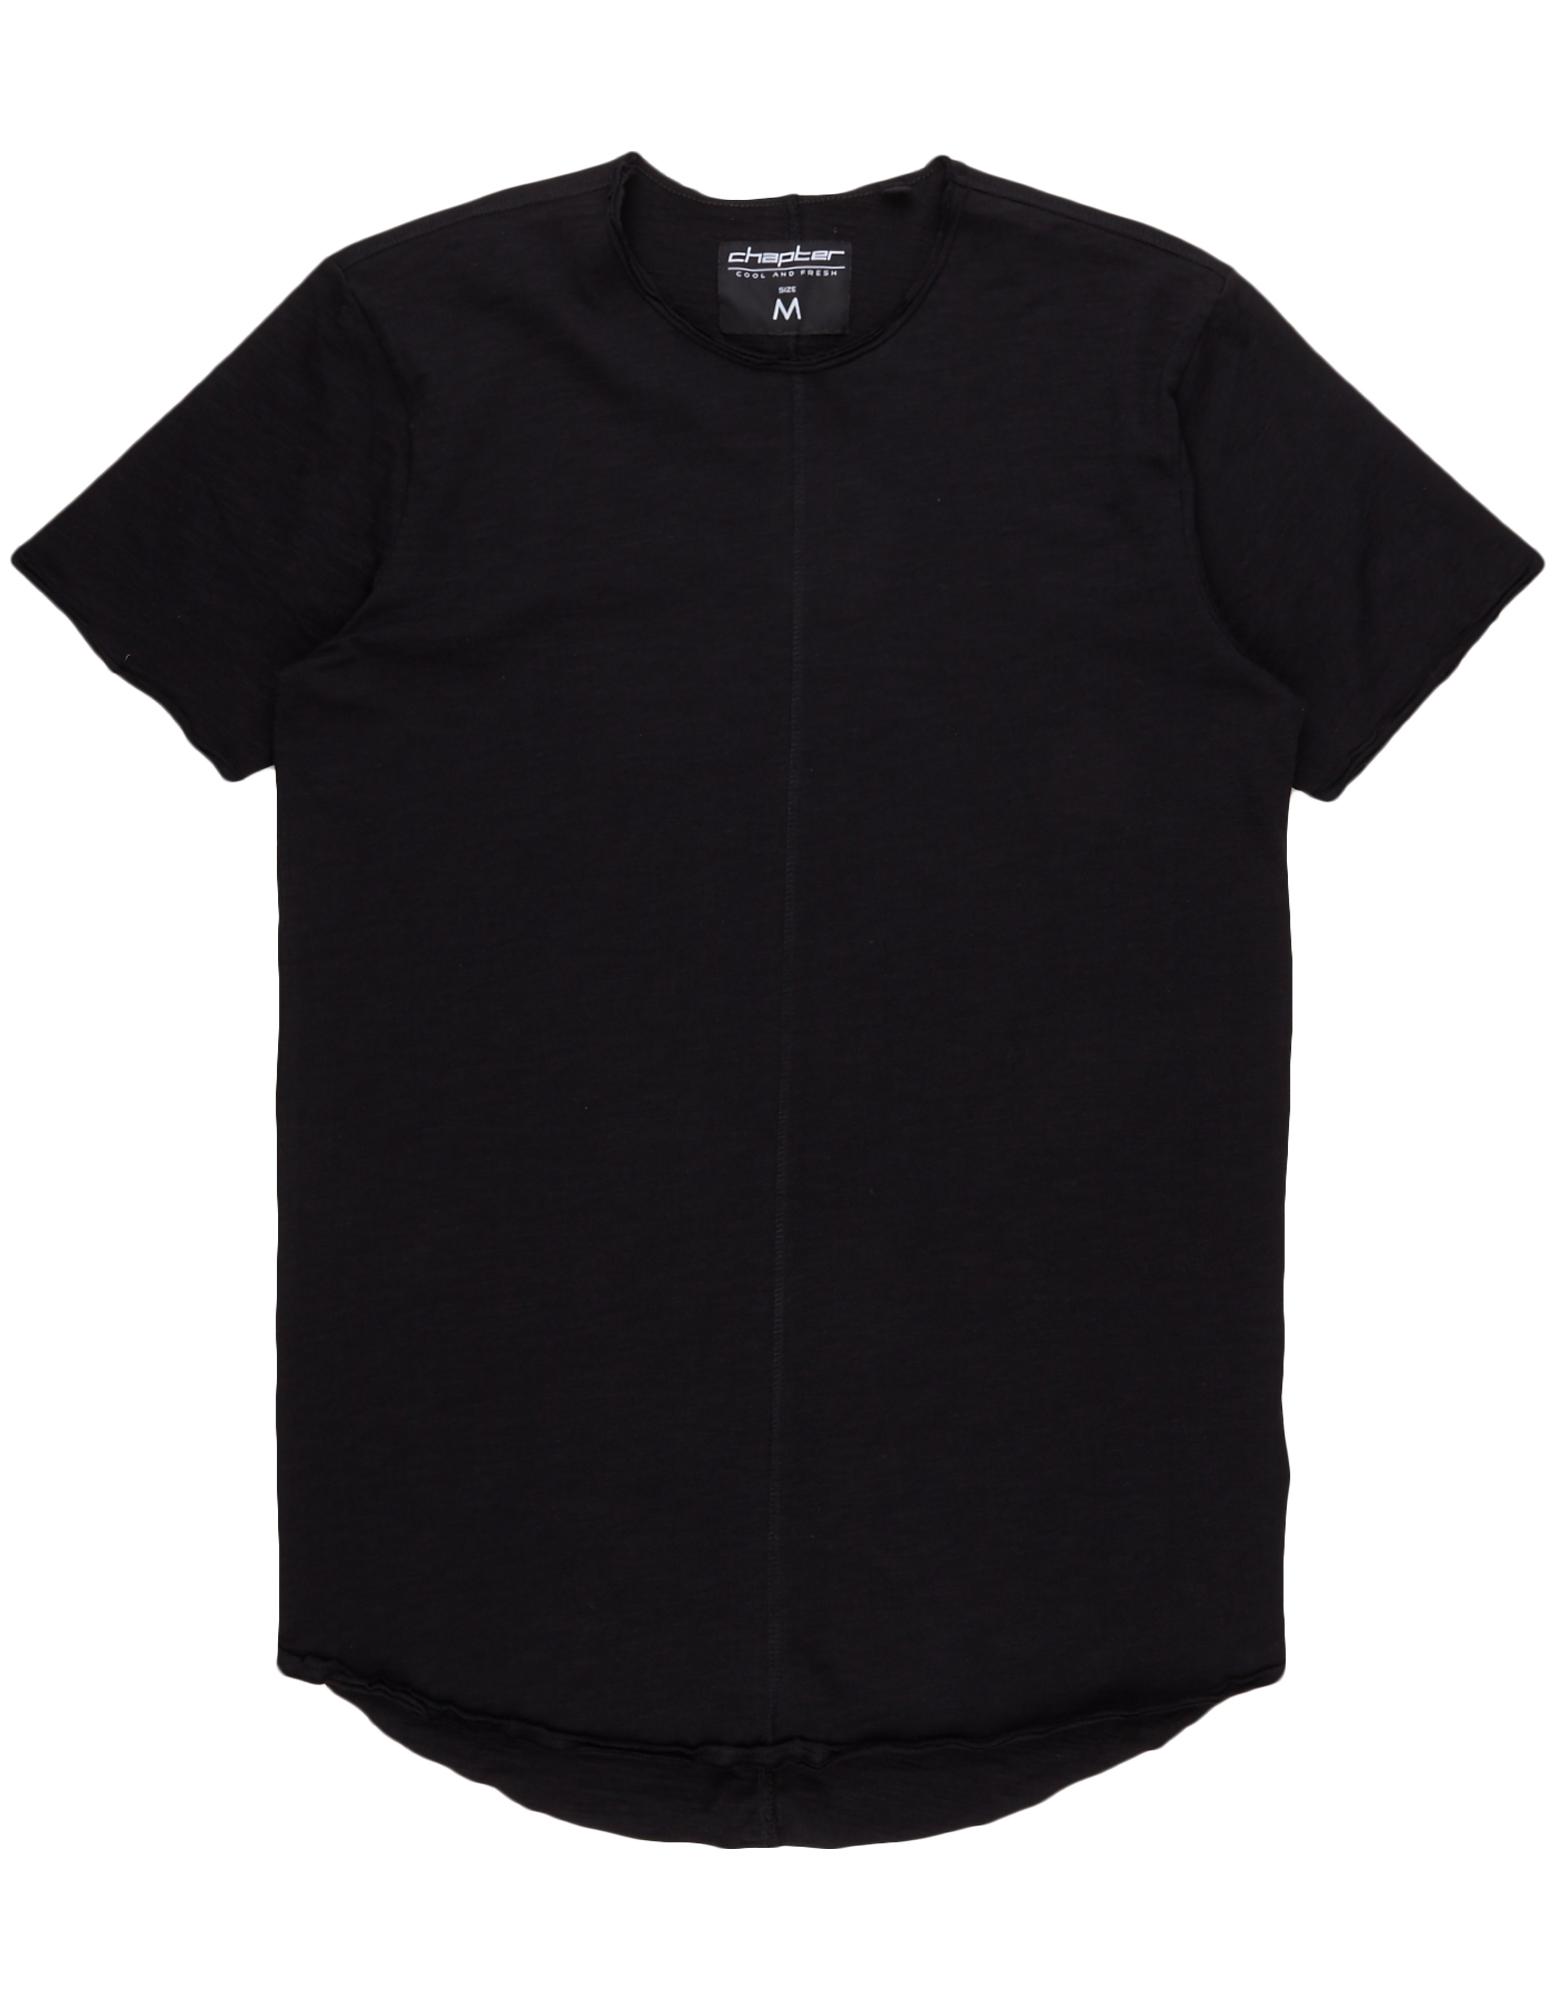 Herren T-Shirt mit Naht-Details    81514051900509